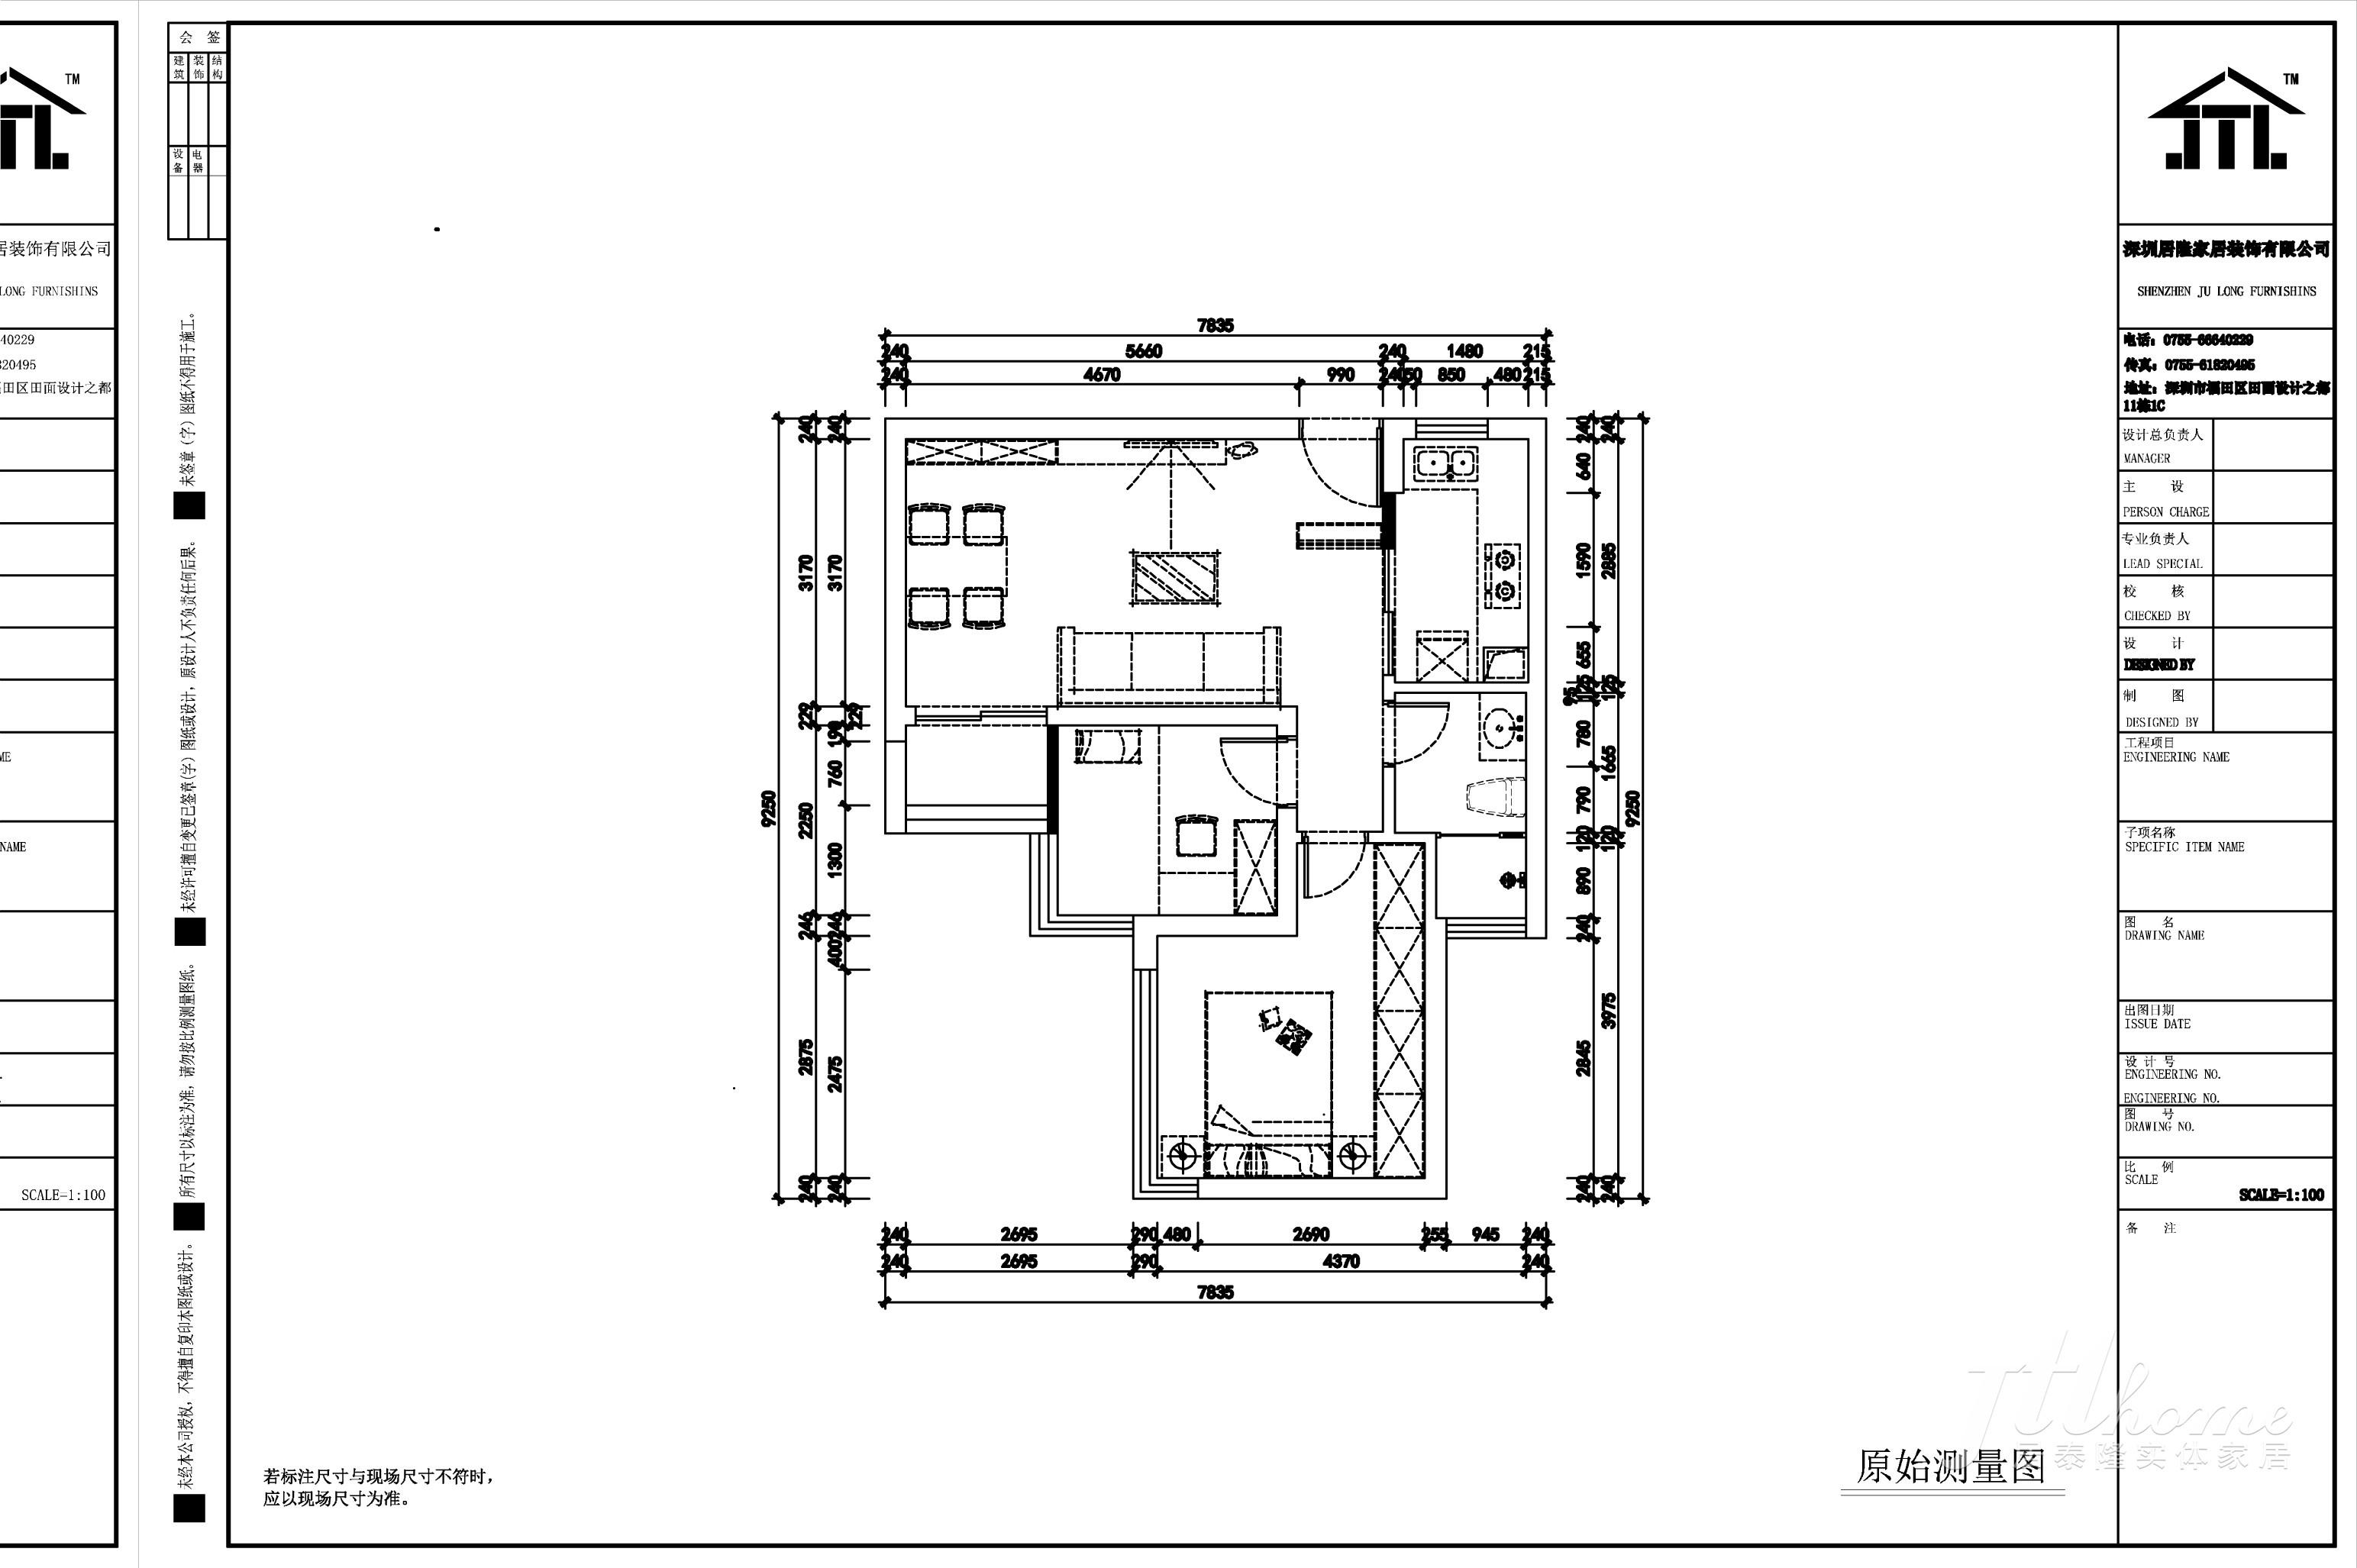 简约 二居 宜居 舒适 温馨 户型图图片来自居泰隆深圳在振业 天峦现代简约二居室的分享